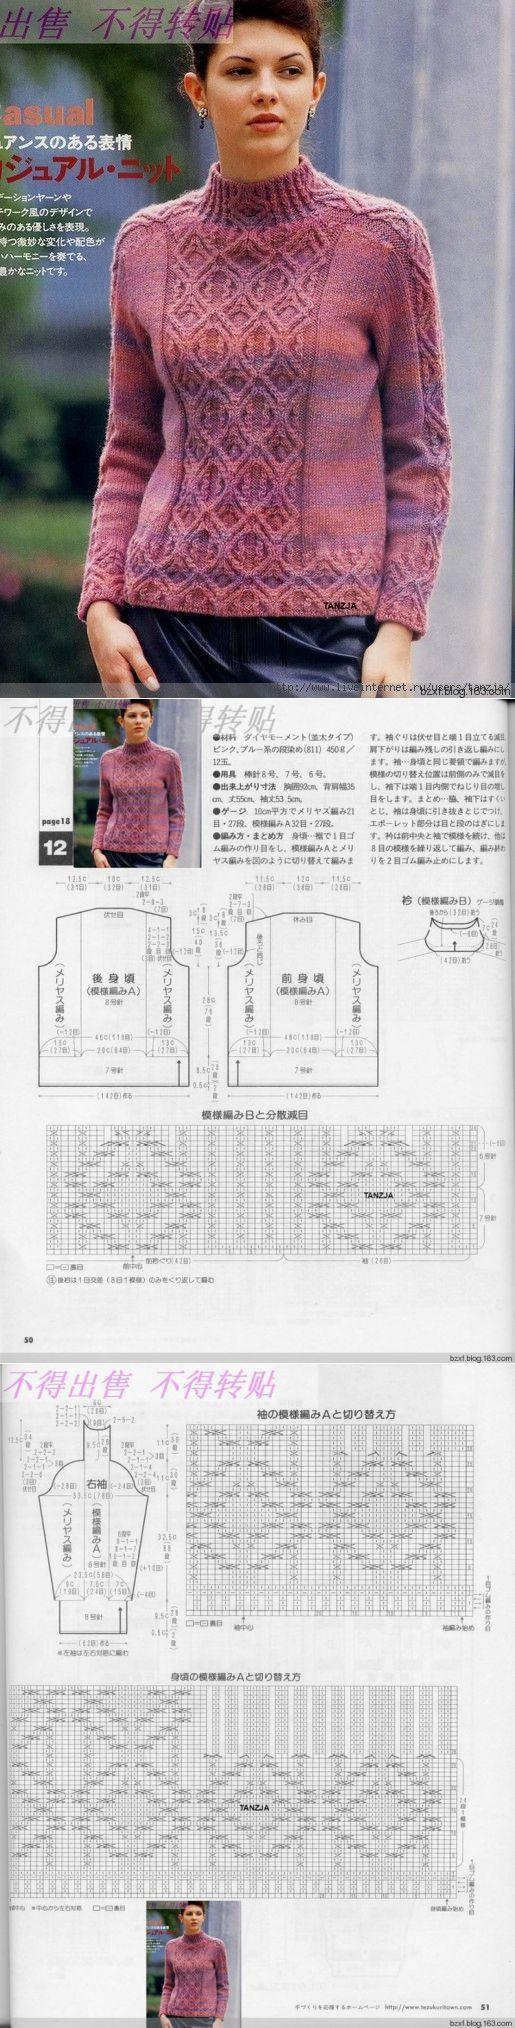 【转载】插肩套衫 - 天天好心情的日志 - 网易博客 | вязание | Постила